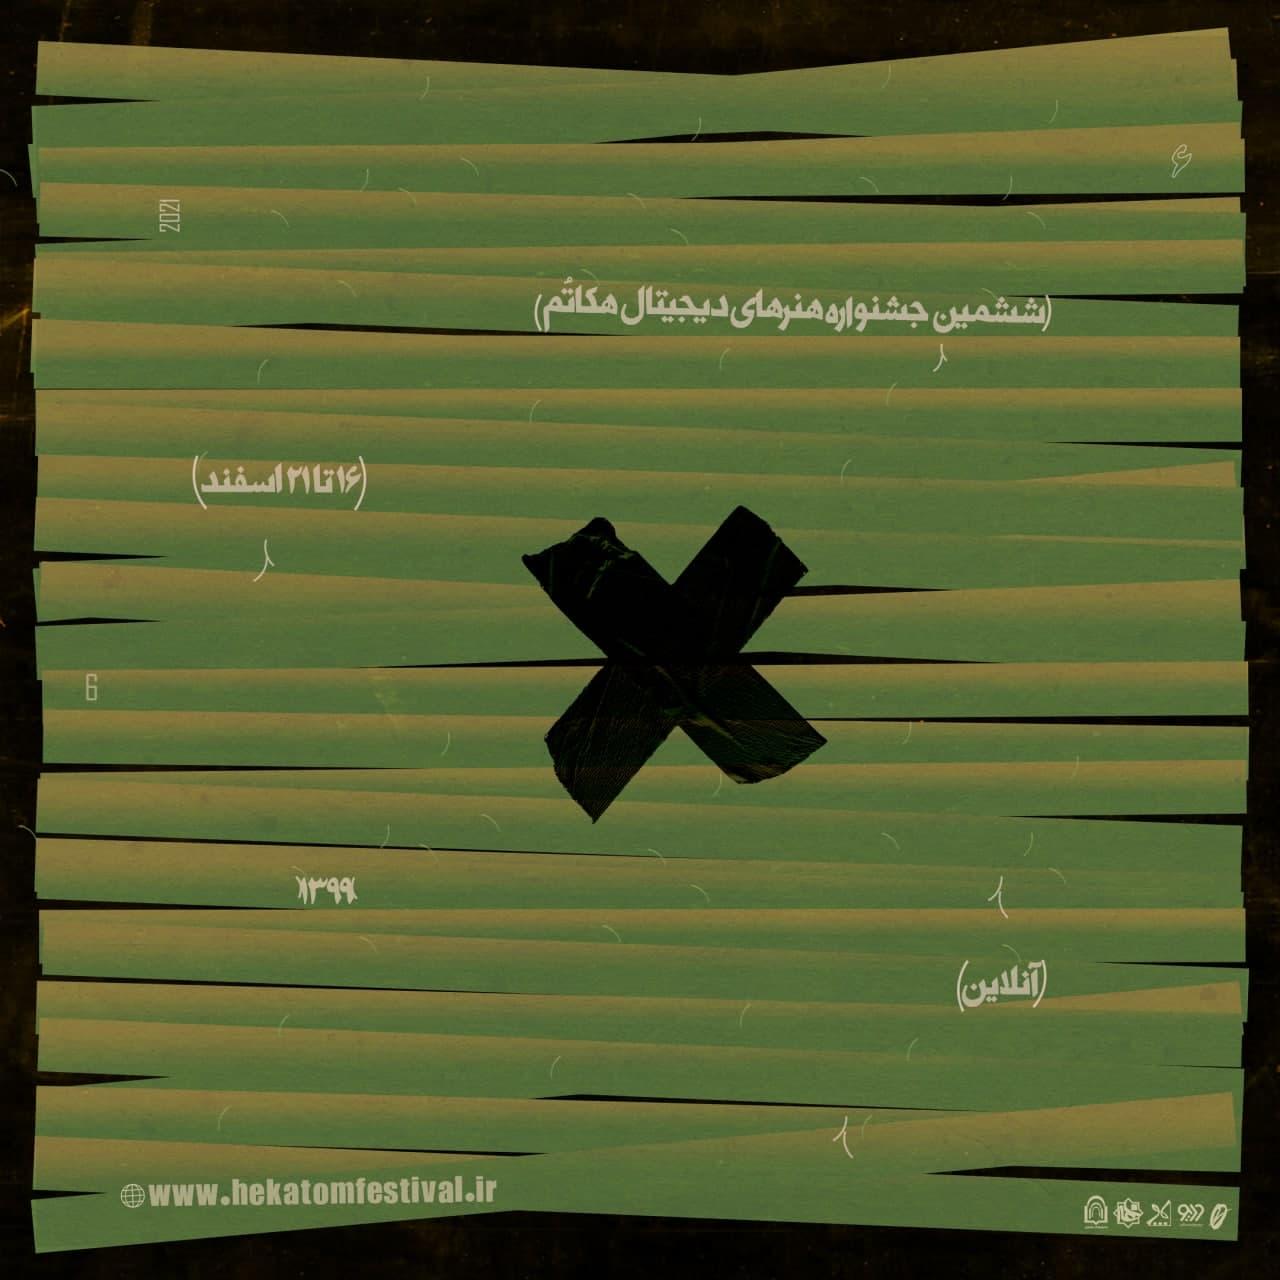 ۶۷۳ اثر توسط دانشجویان سراسر کشور به دبیرخانه جشنواره هکاتم ارسال شده است.